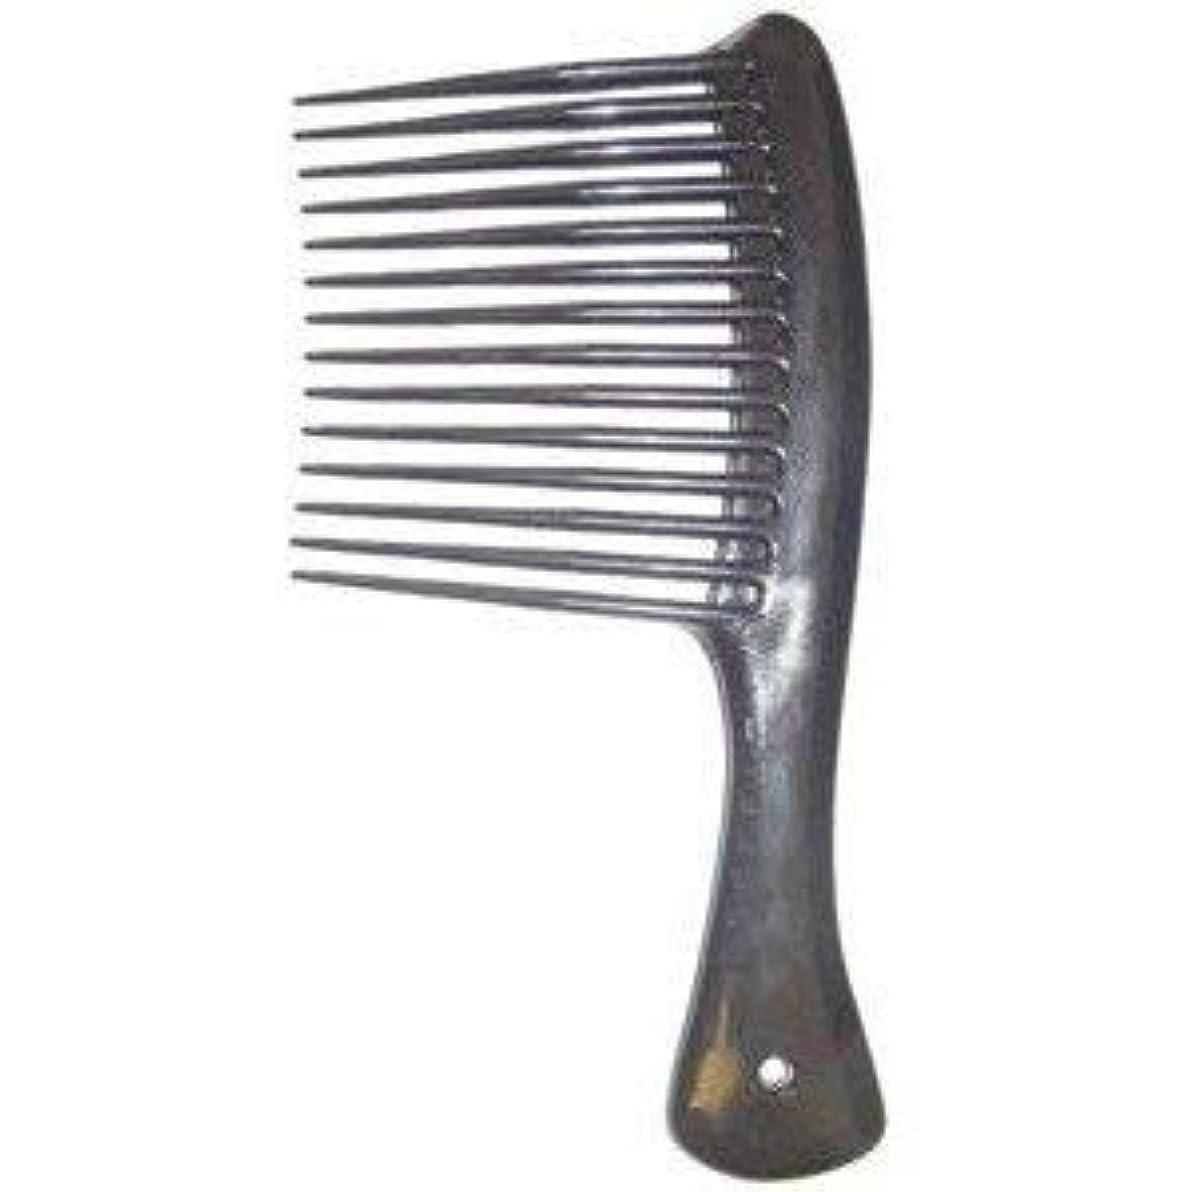 相談するリズミカルな貢献するLarge Tooth Shampoo Detangling Comb Rack Hair Comb (Black) [並行輸入品]